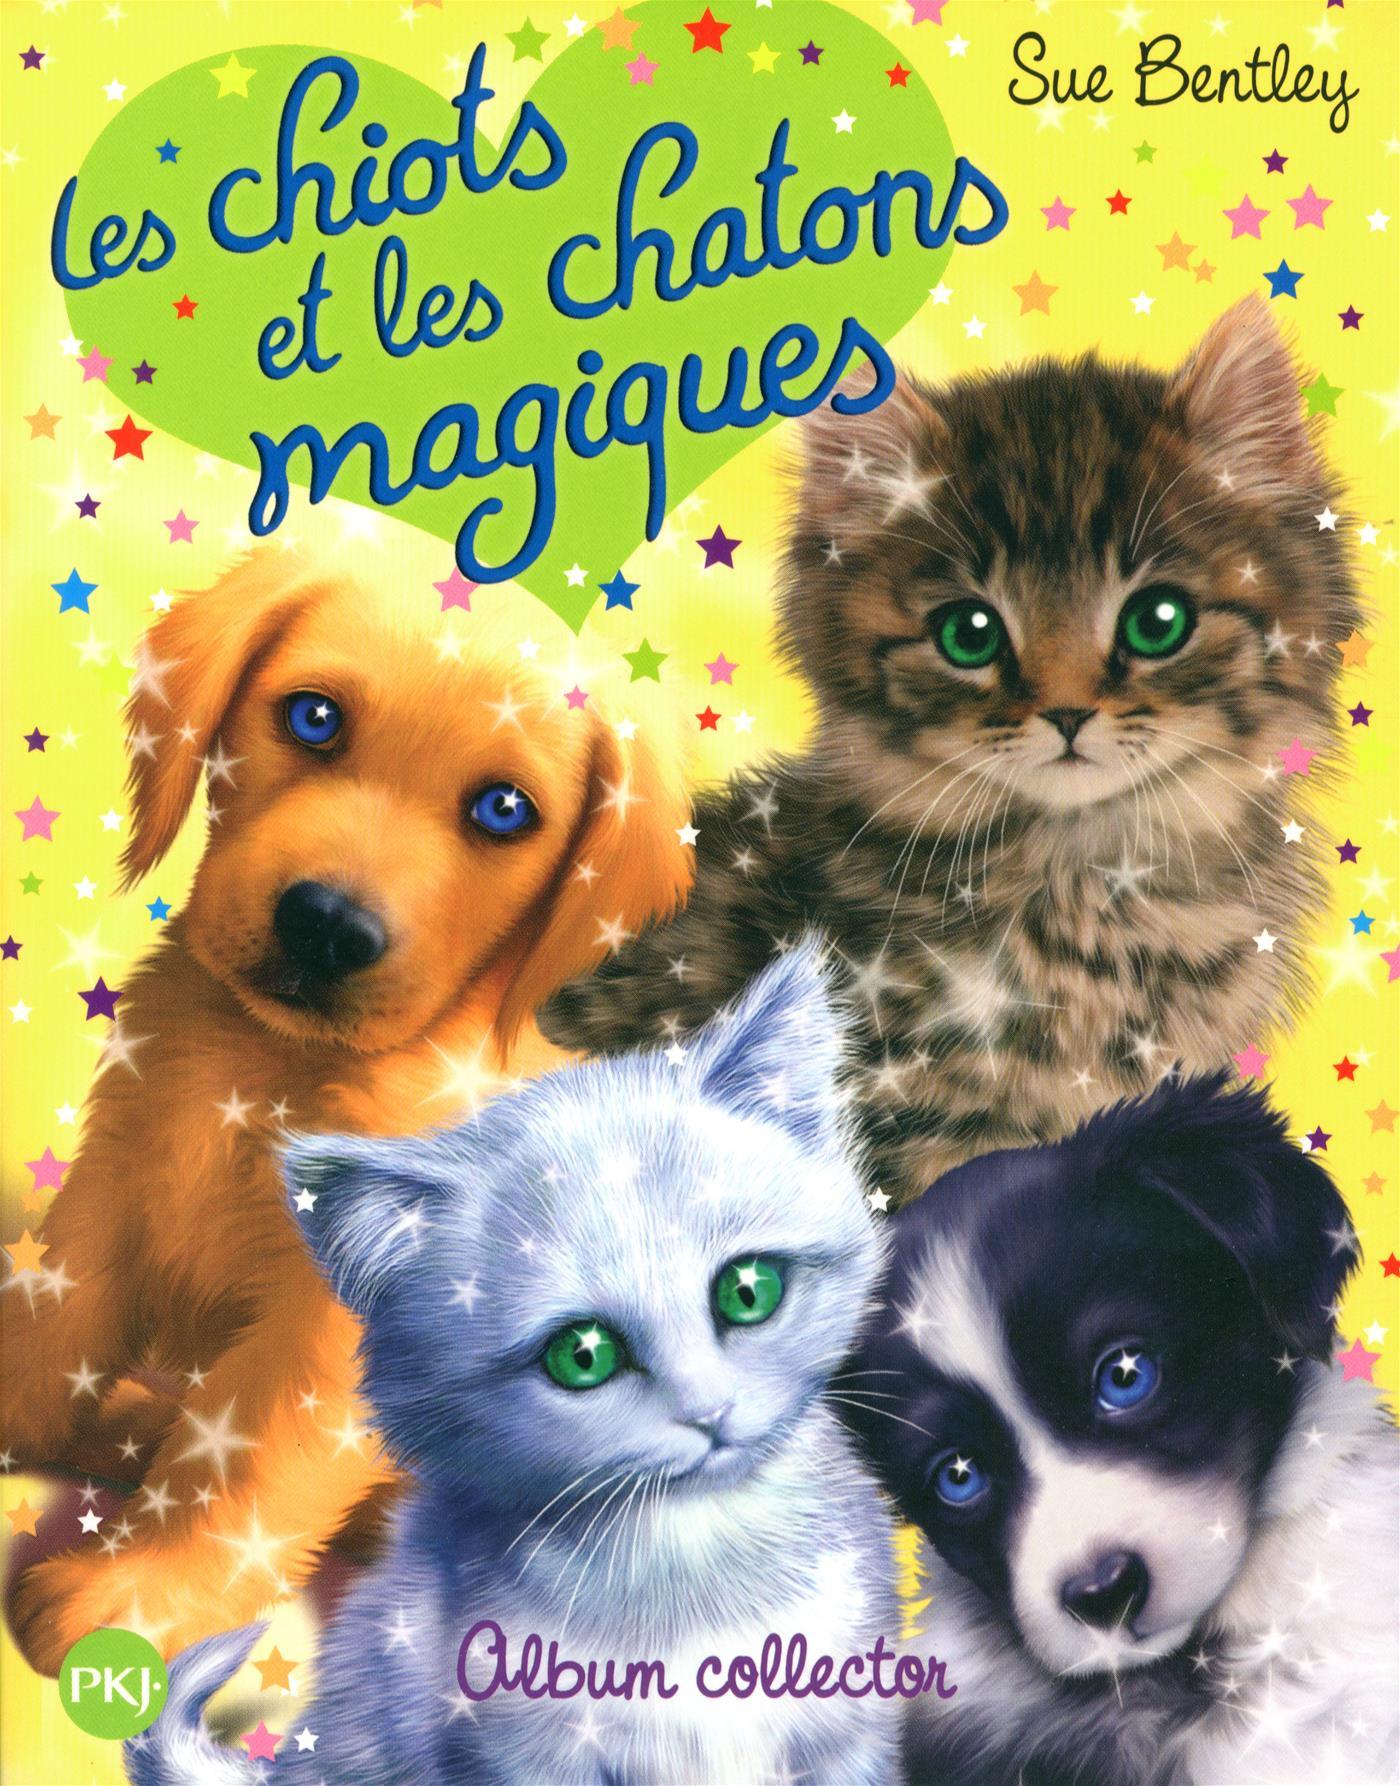 Livre Les chiots et les chatons magiques - Album collector